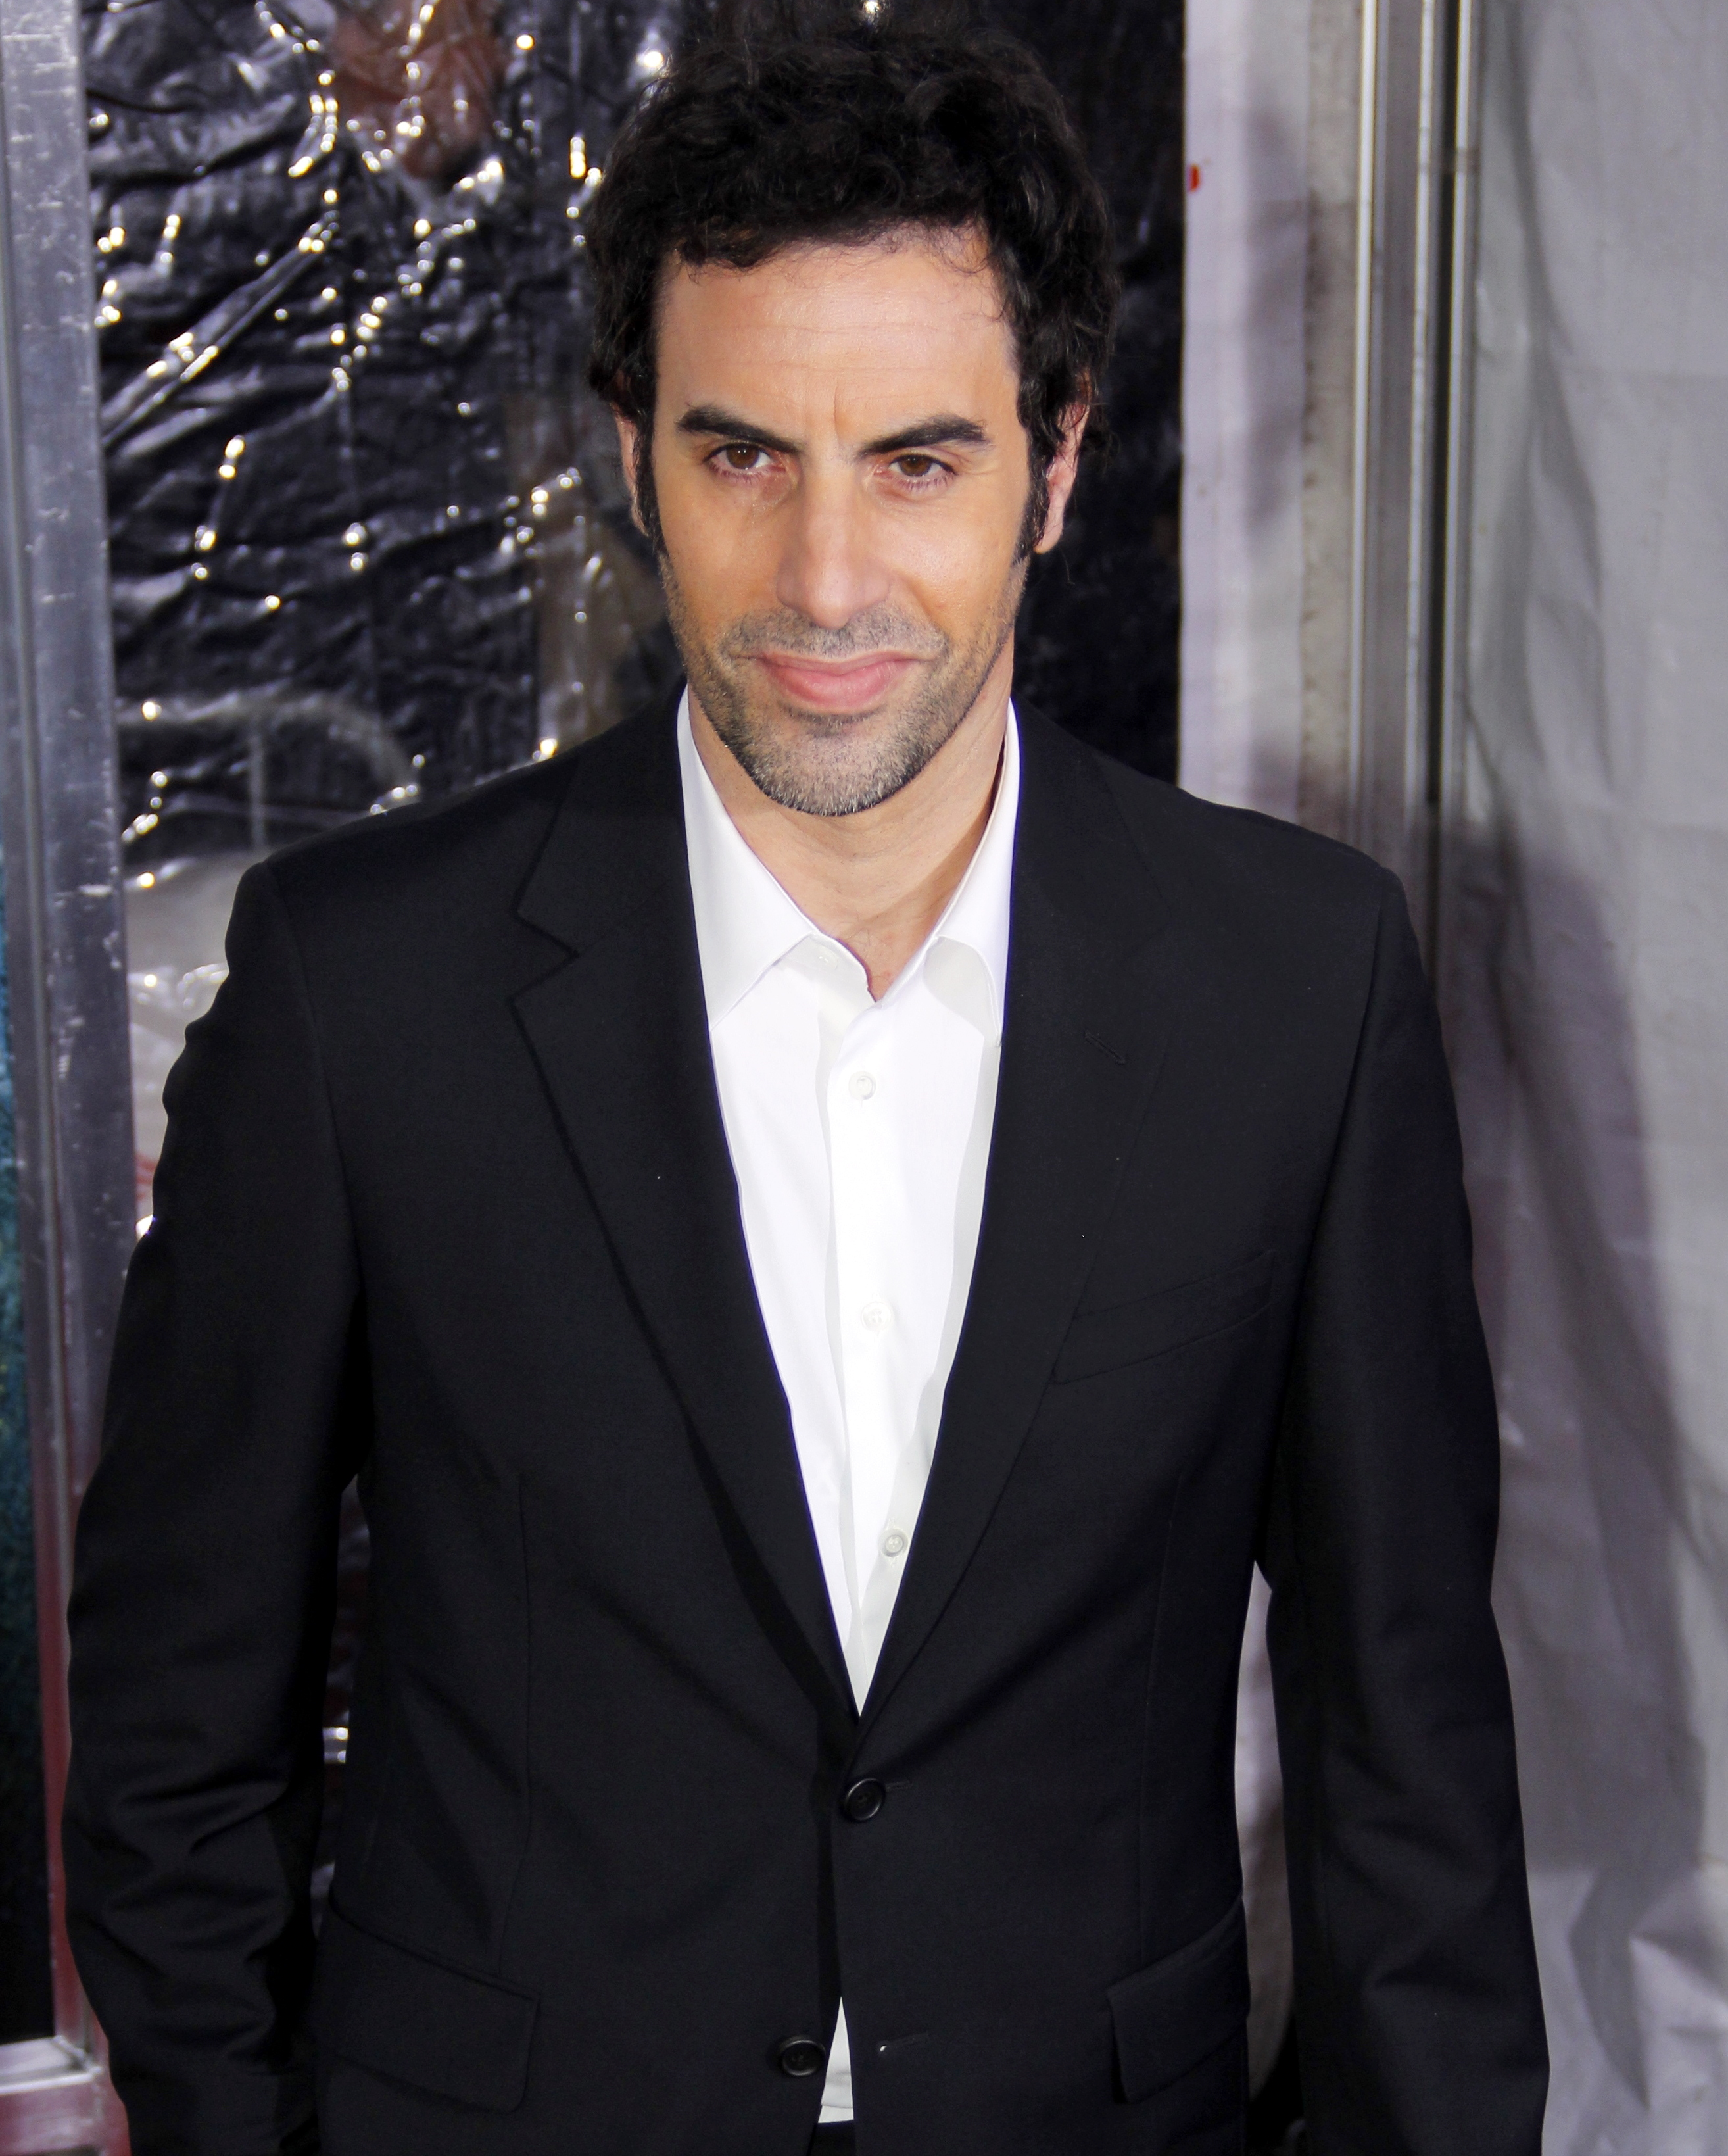 File:Sacha Baron Cohen 2011.jpg